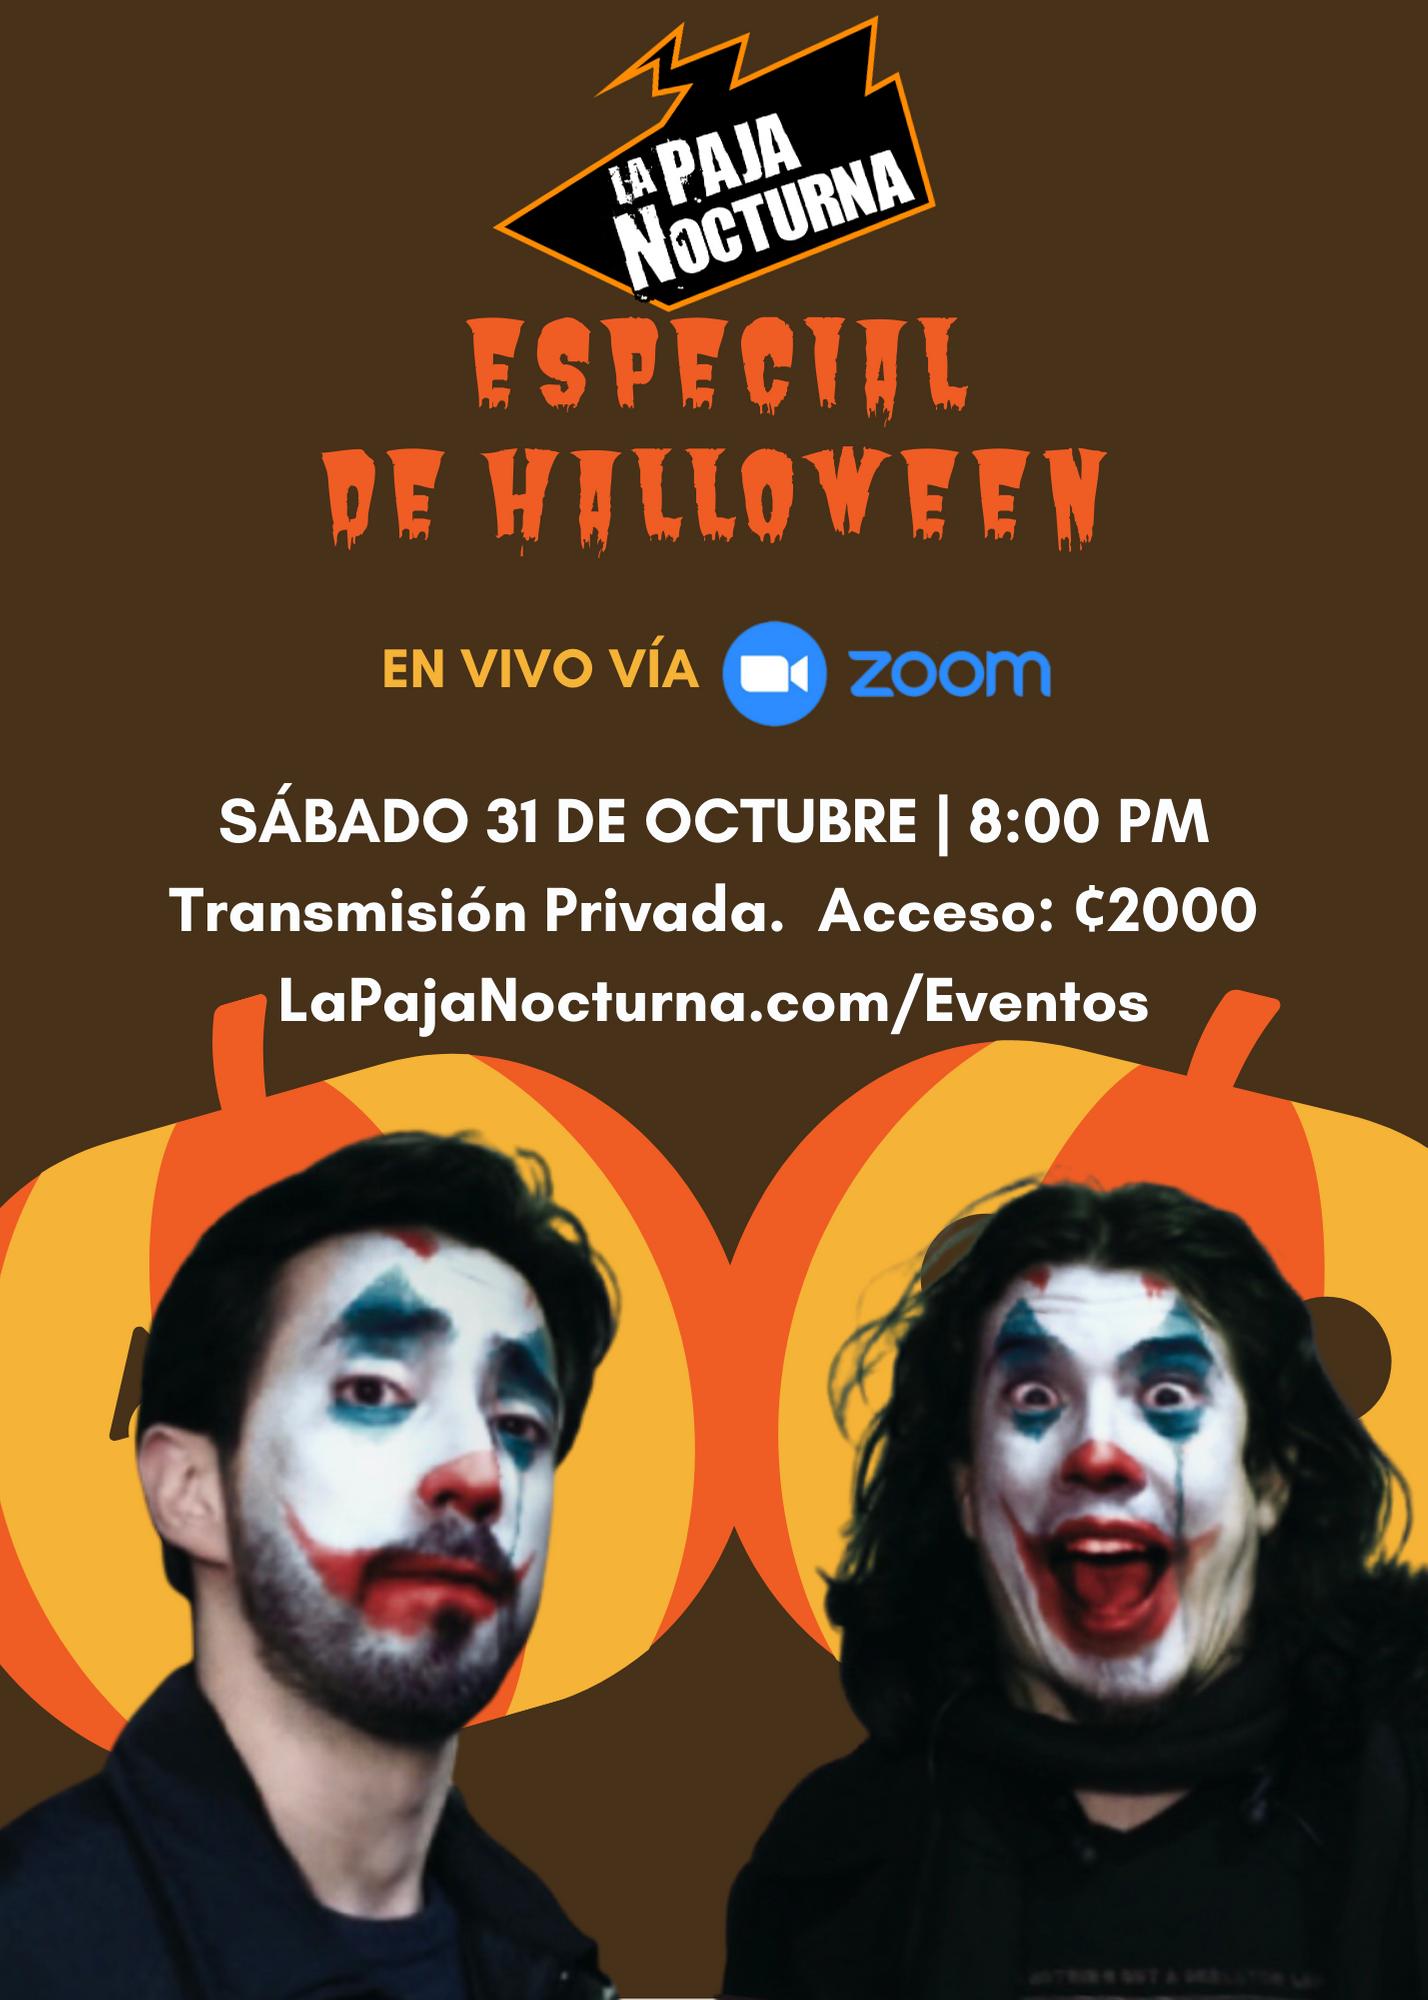 La Paja Nocturna Virtual En Vivo 31 Octubre Halloween